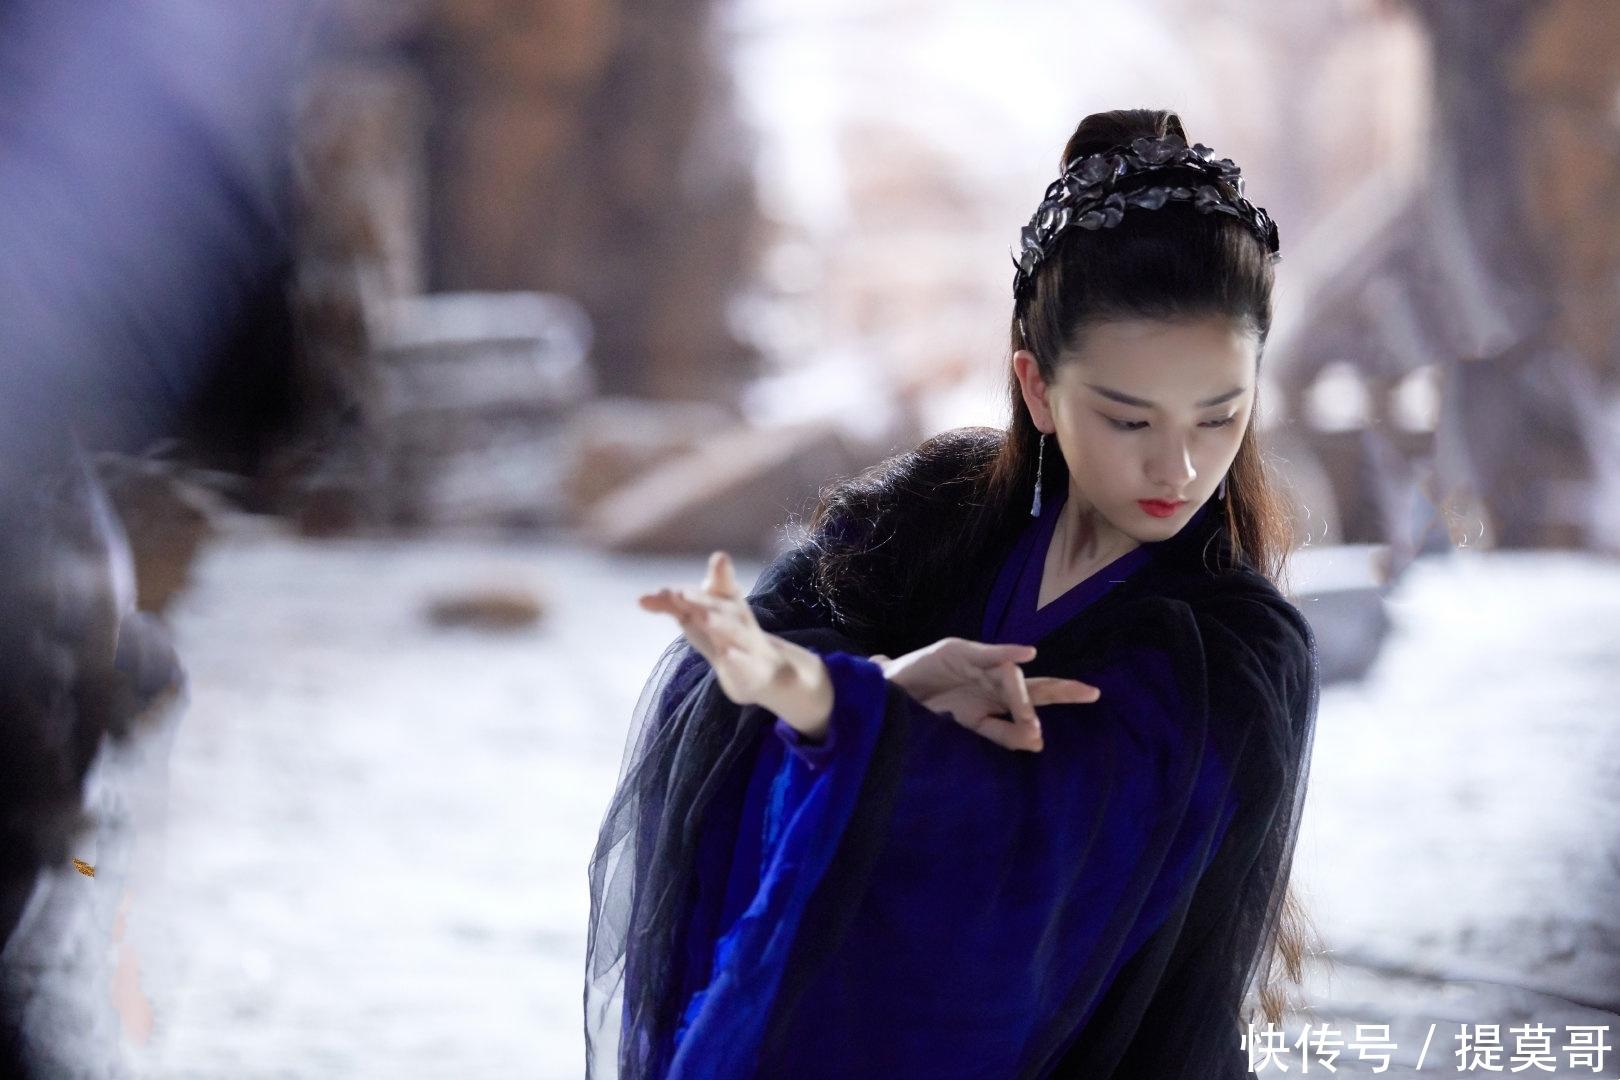 <b>羽然挽留姬野失败后,成为女祭司一袭紫衣充满神秘,结局最悲女主</b>